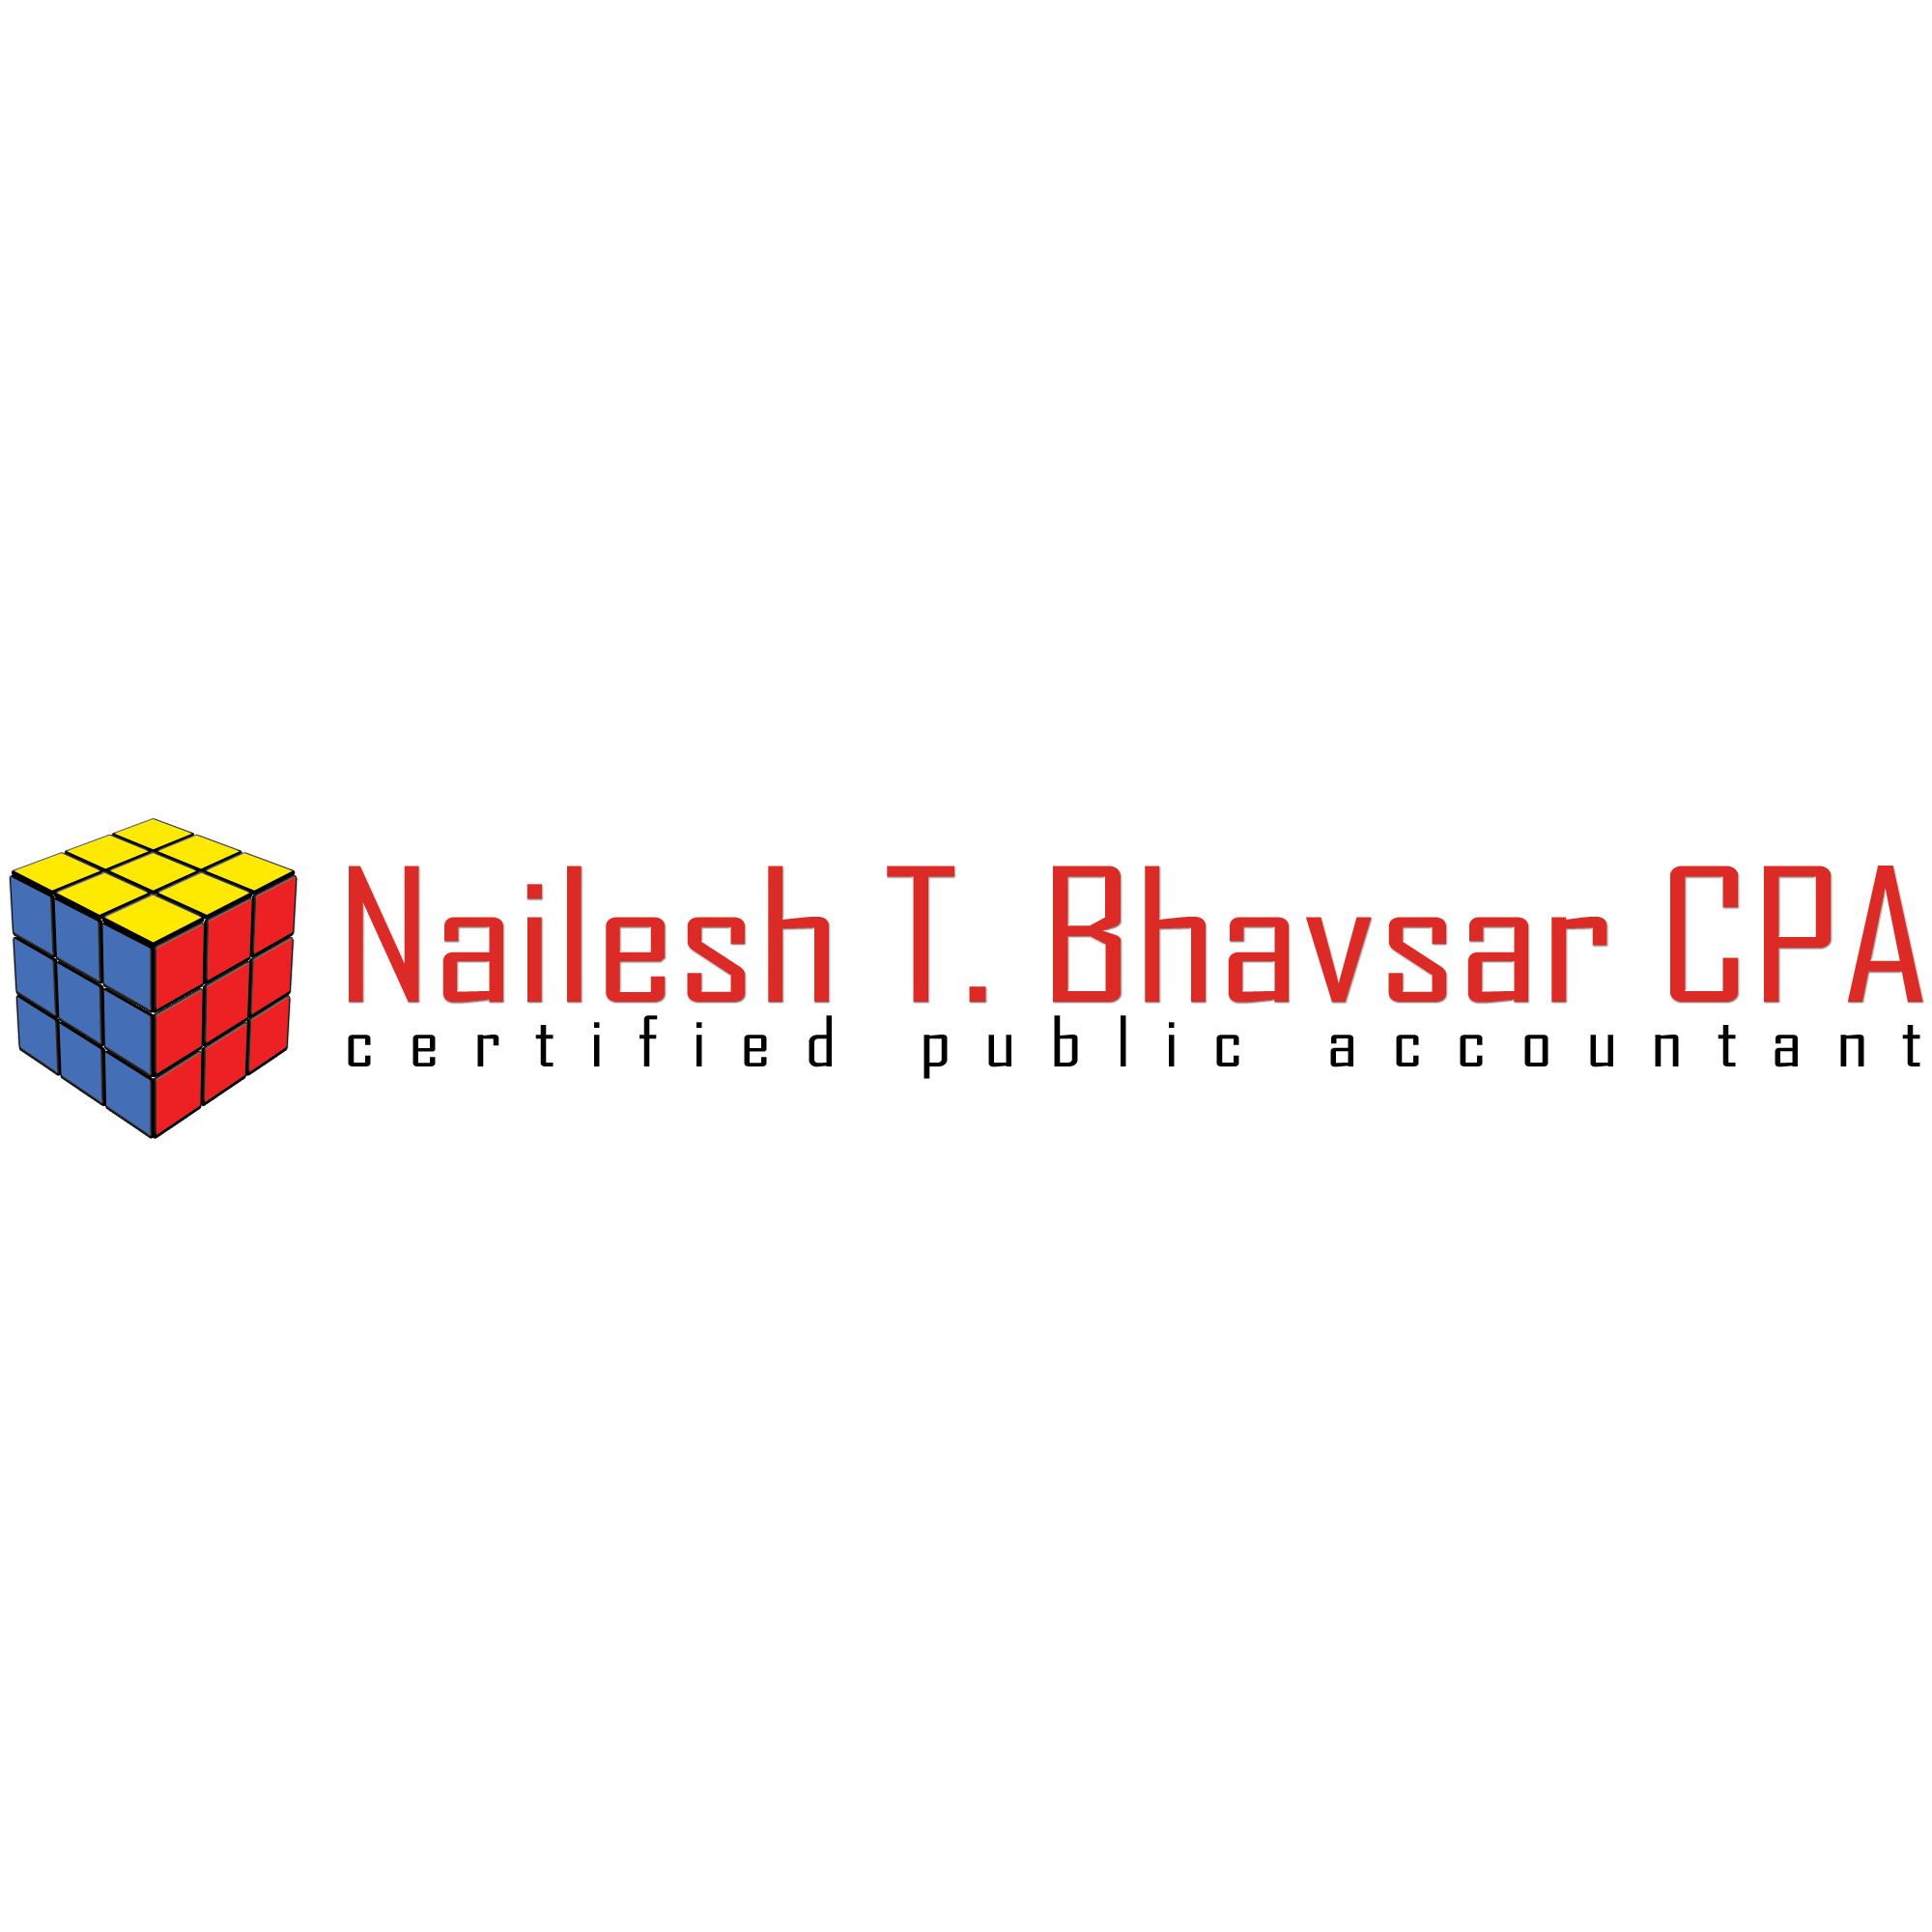 Nailesh T Bhavsar CPA